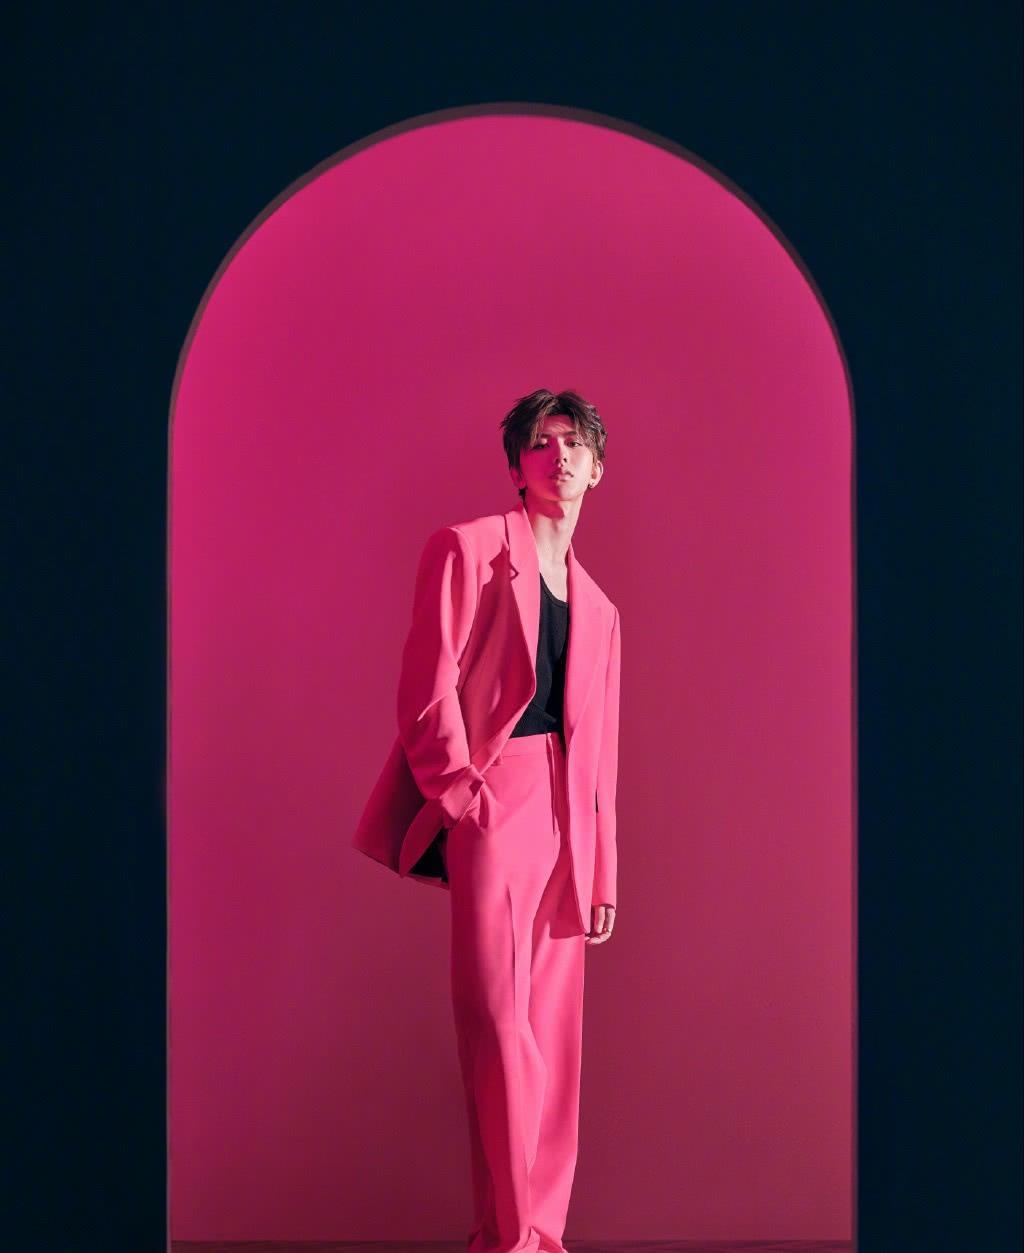 蔡徐坤最新写真曝光,金丝边眼镜,玫红色西装上身儒雅又有痞气